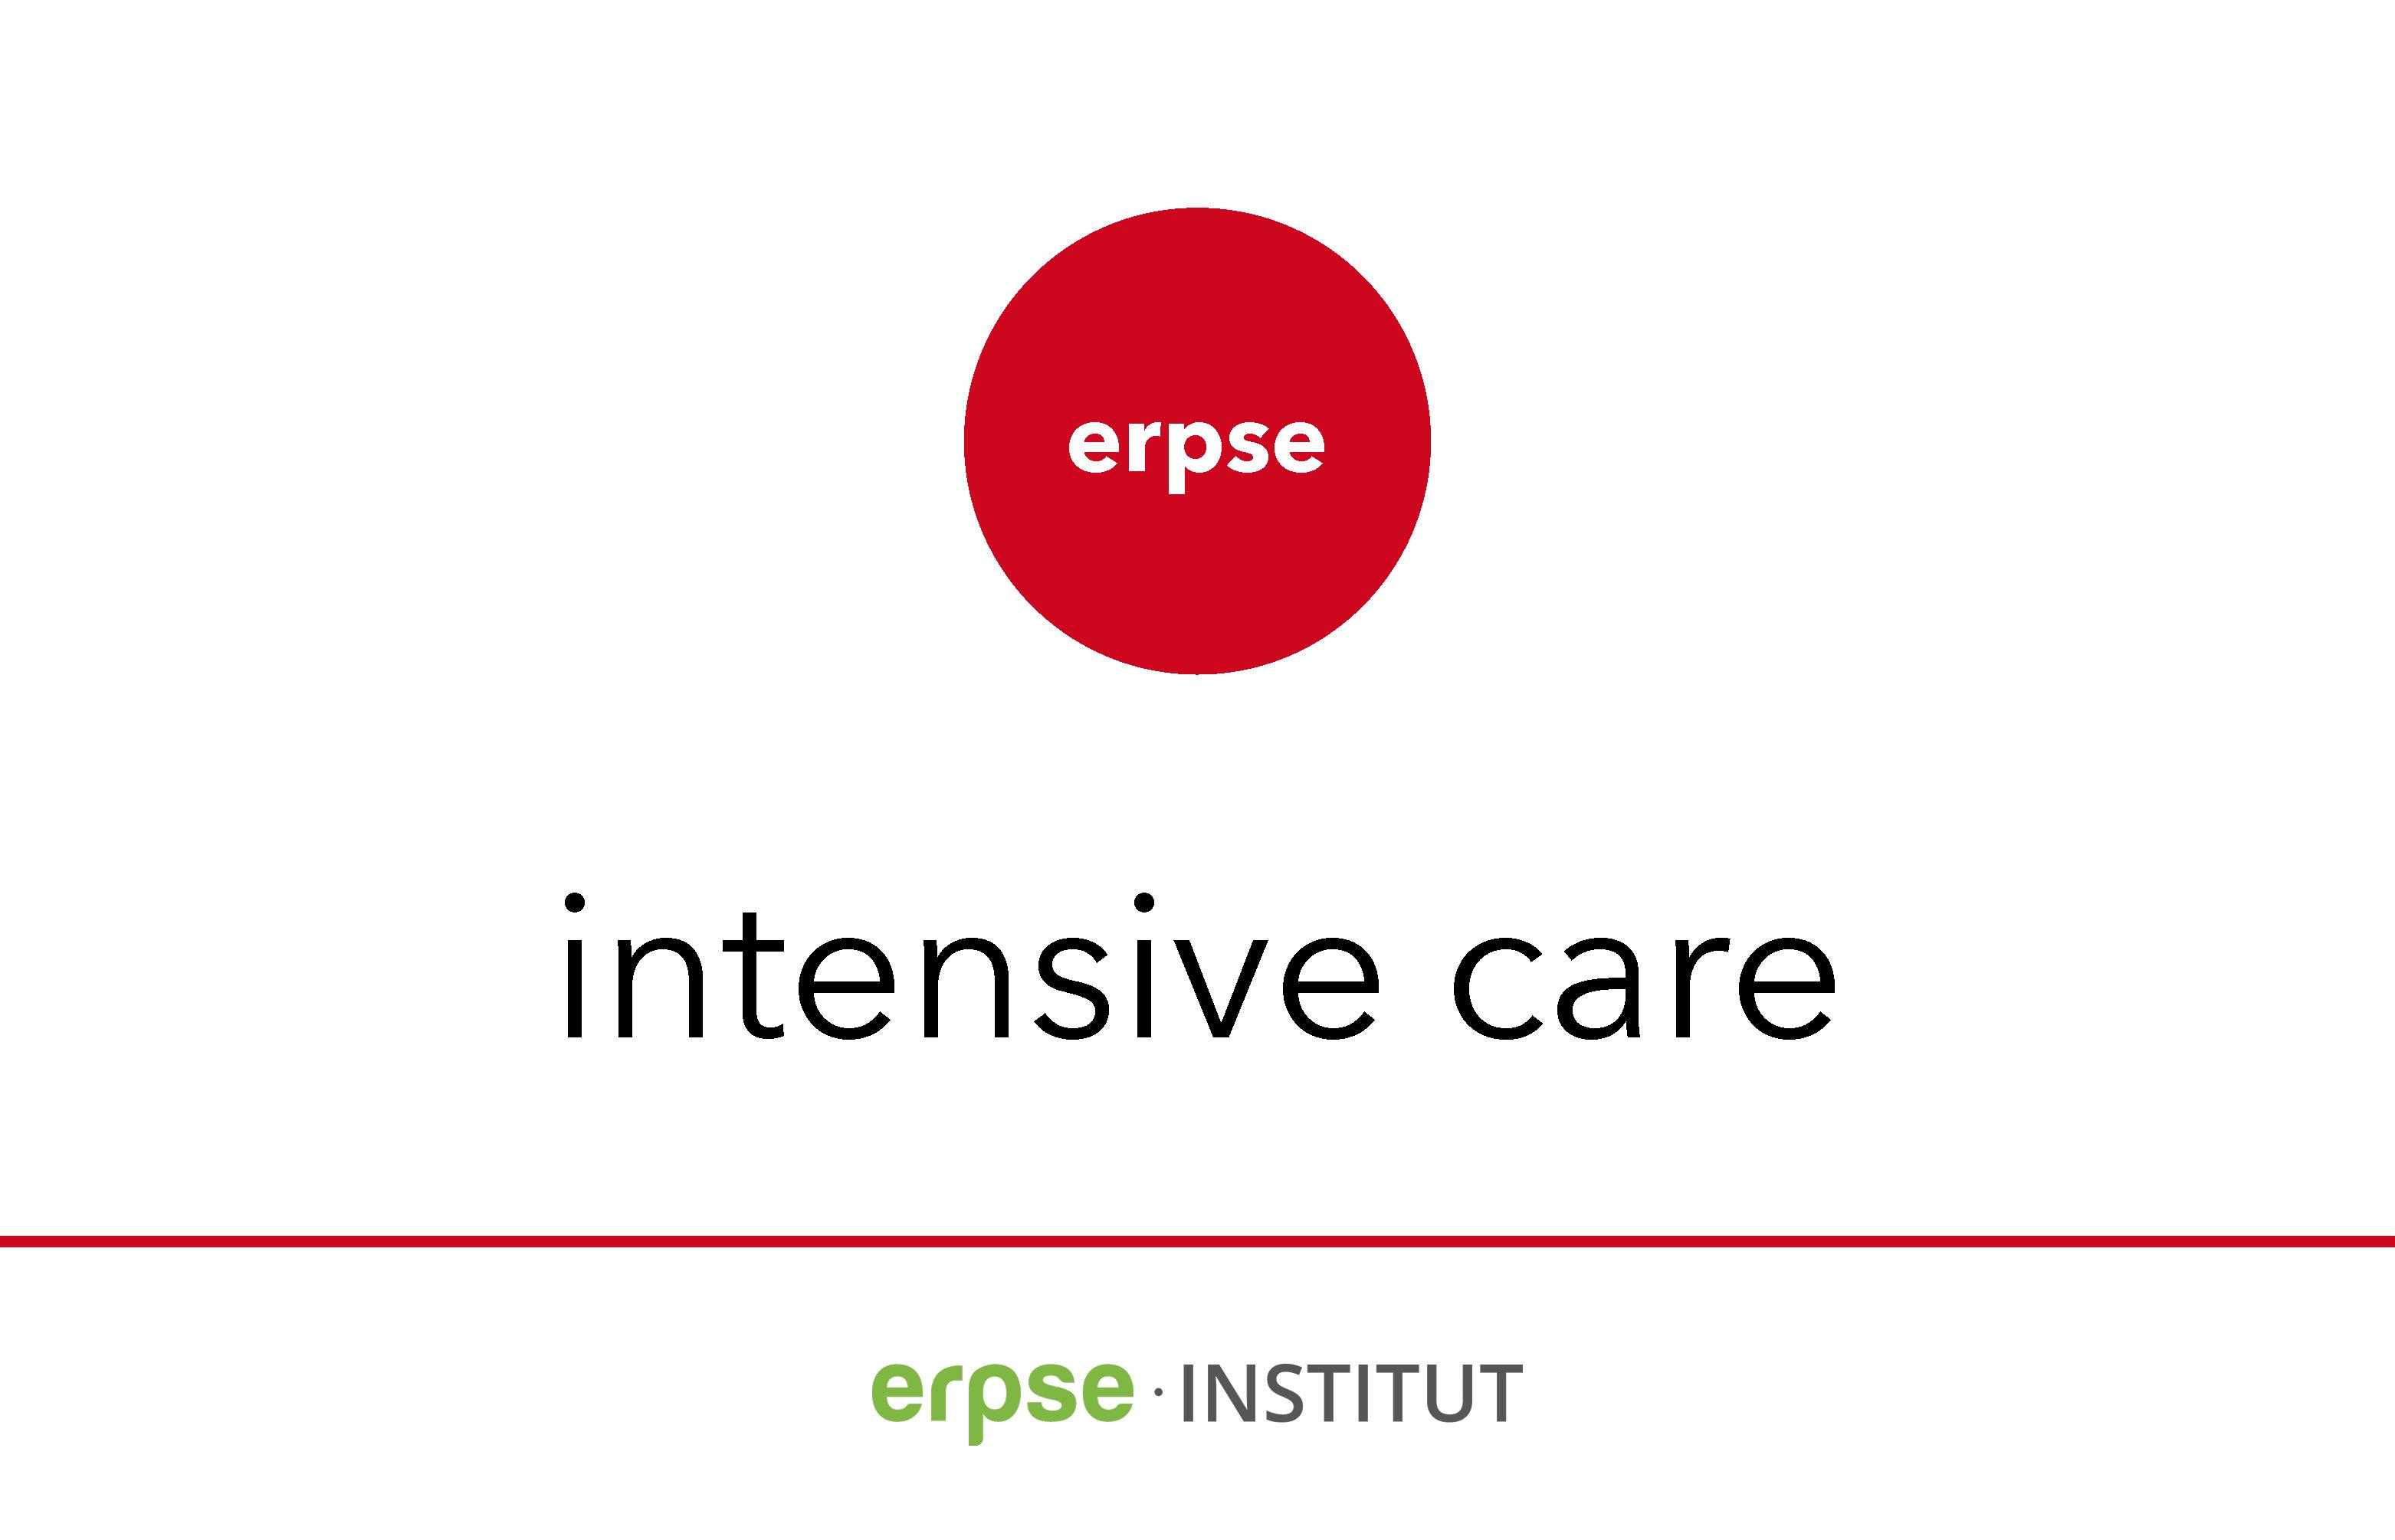 erpse intensive care